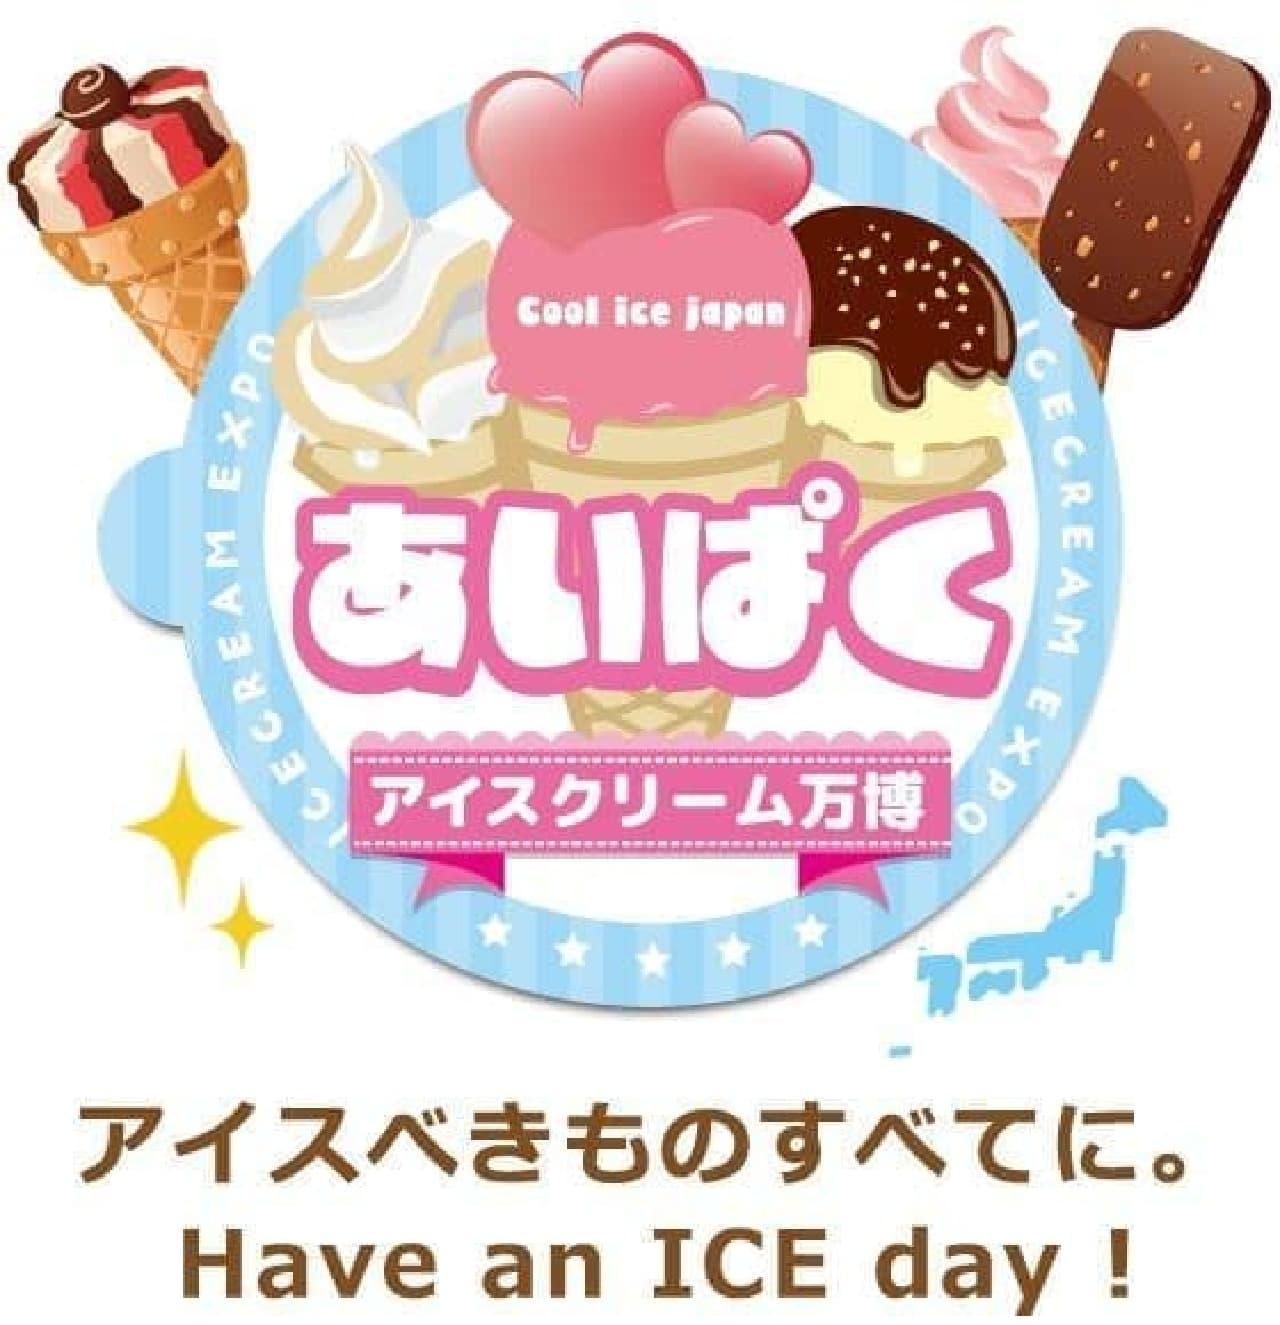 「あいぱく」は、日本アイスマニア協会がプロデュースする国内最大規模のアイスクリームイベント